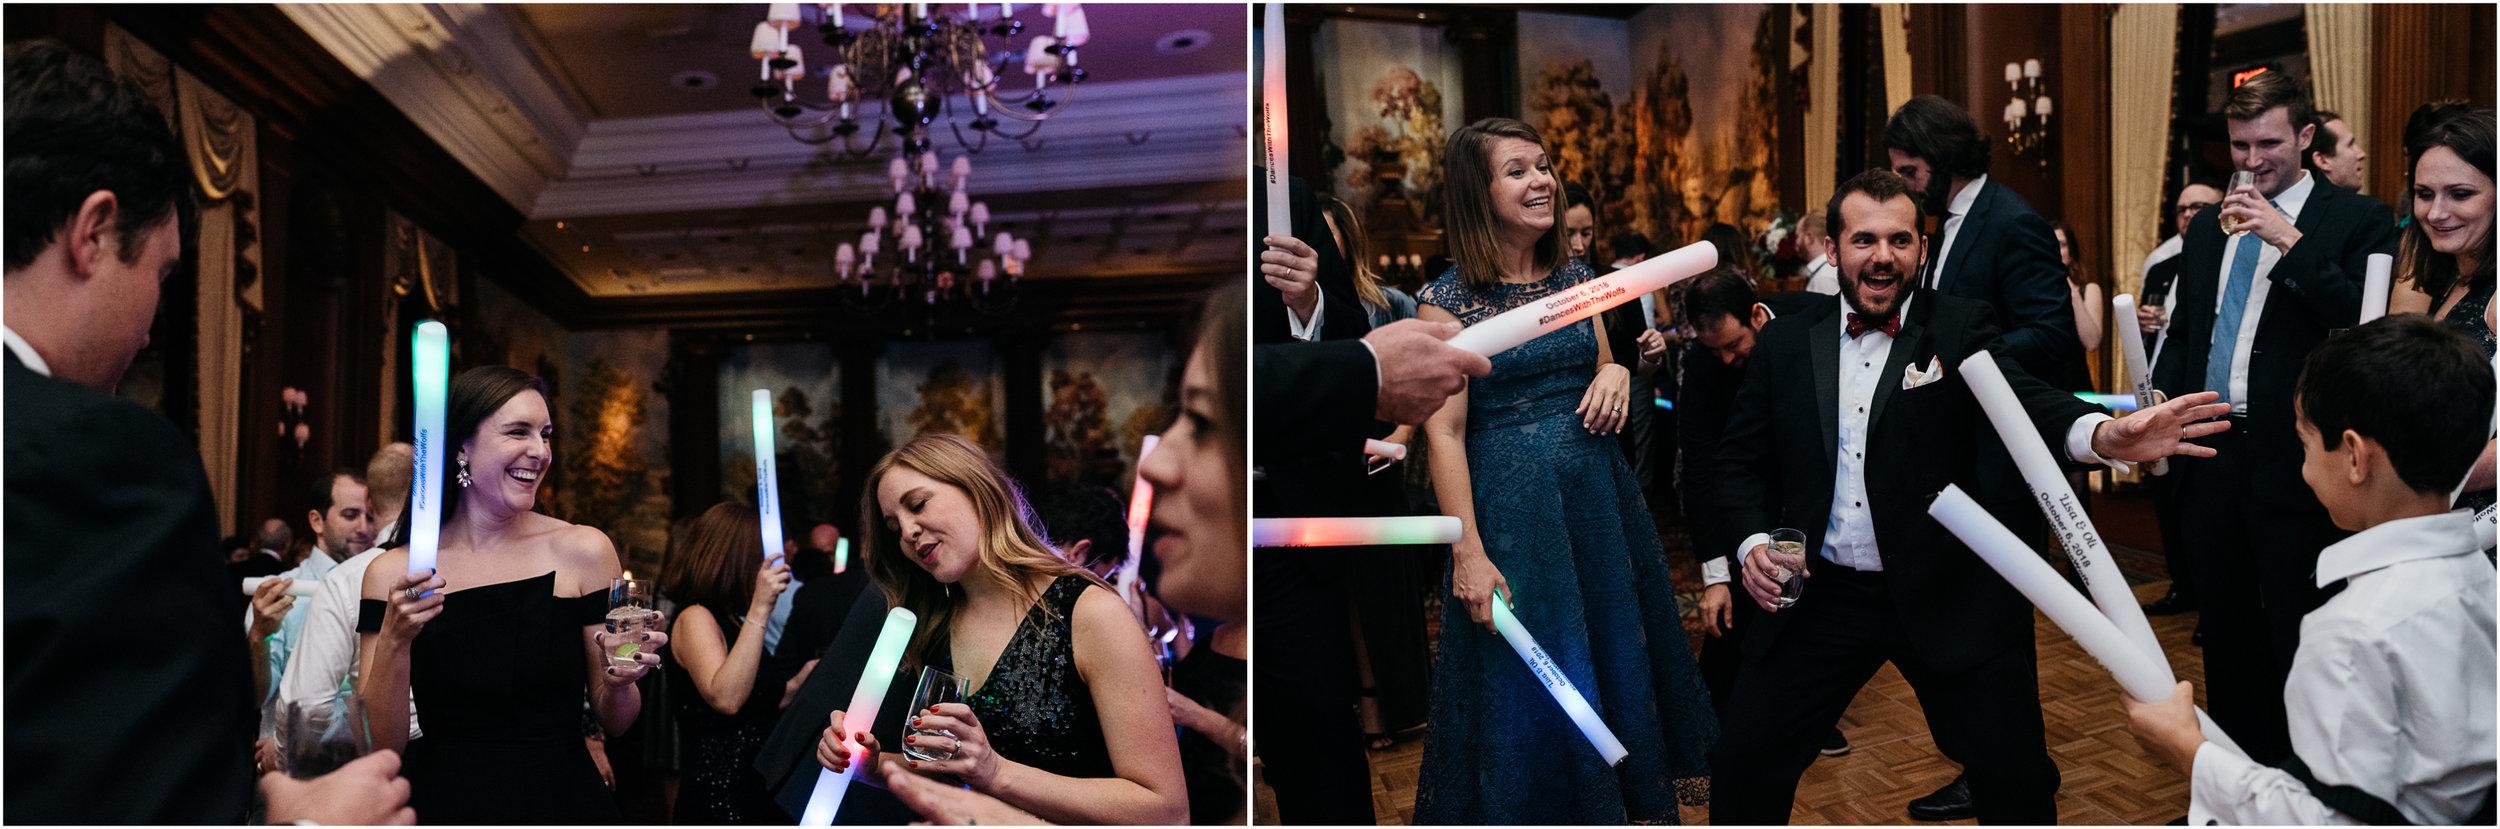 reception duquesne club wedding.jpg